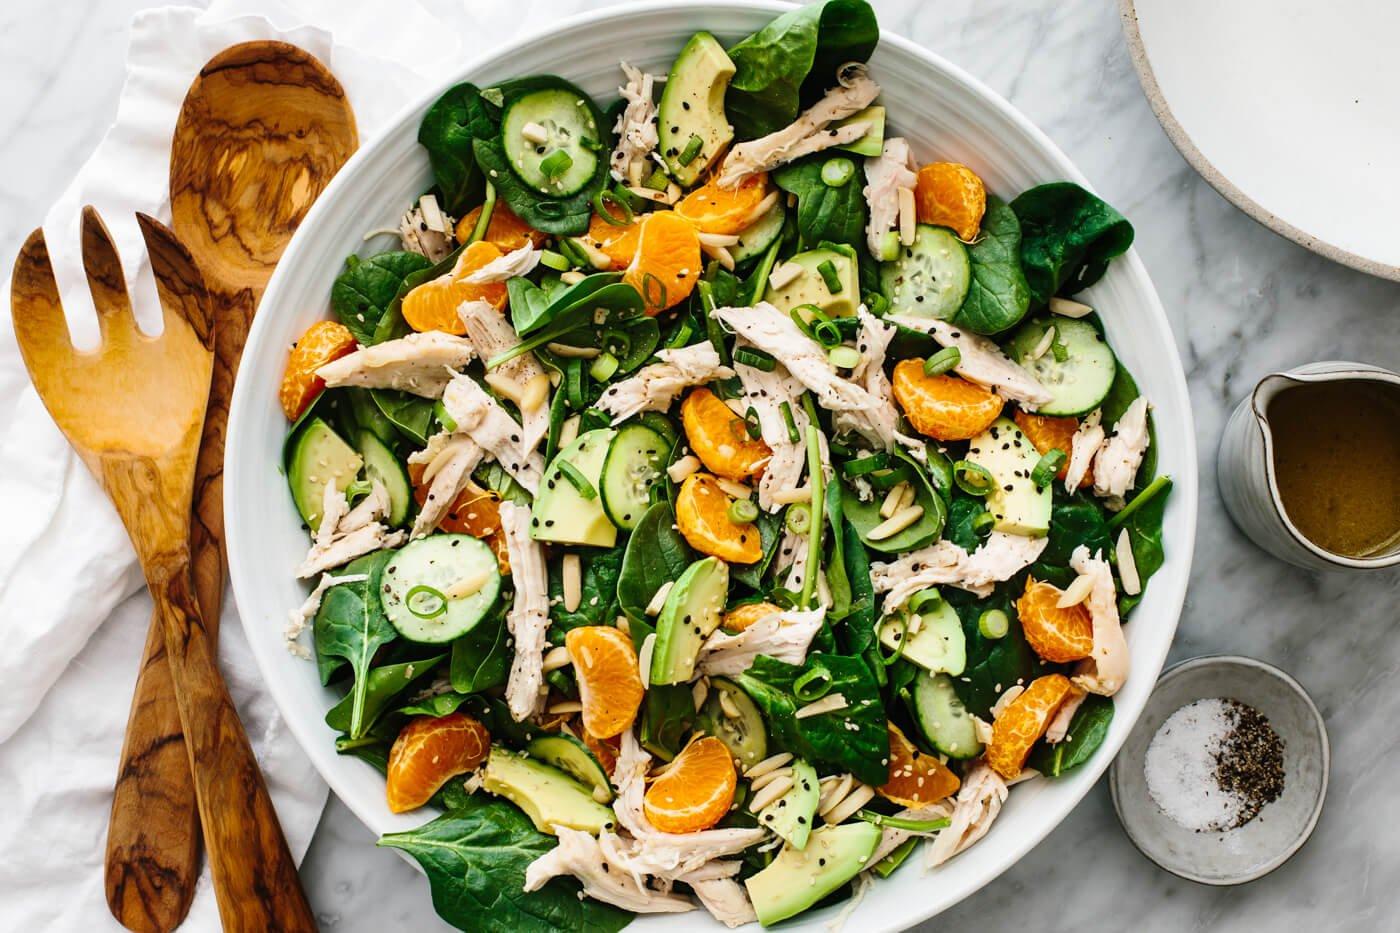 Mandarin Chicken Salad with Lemon Vinaigrette